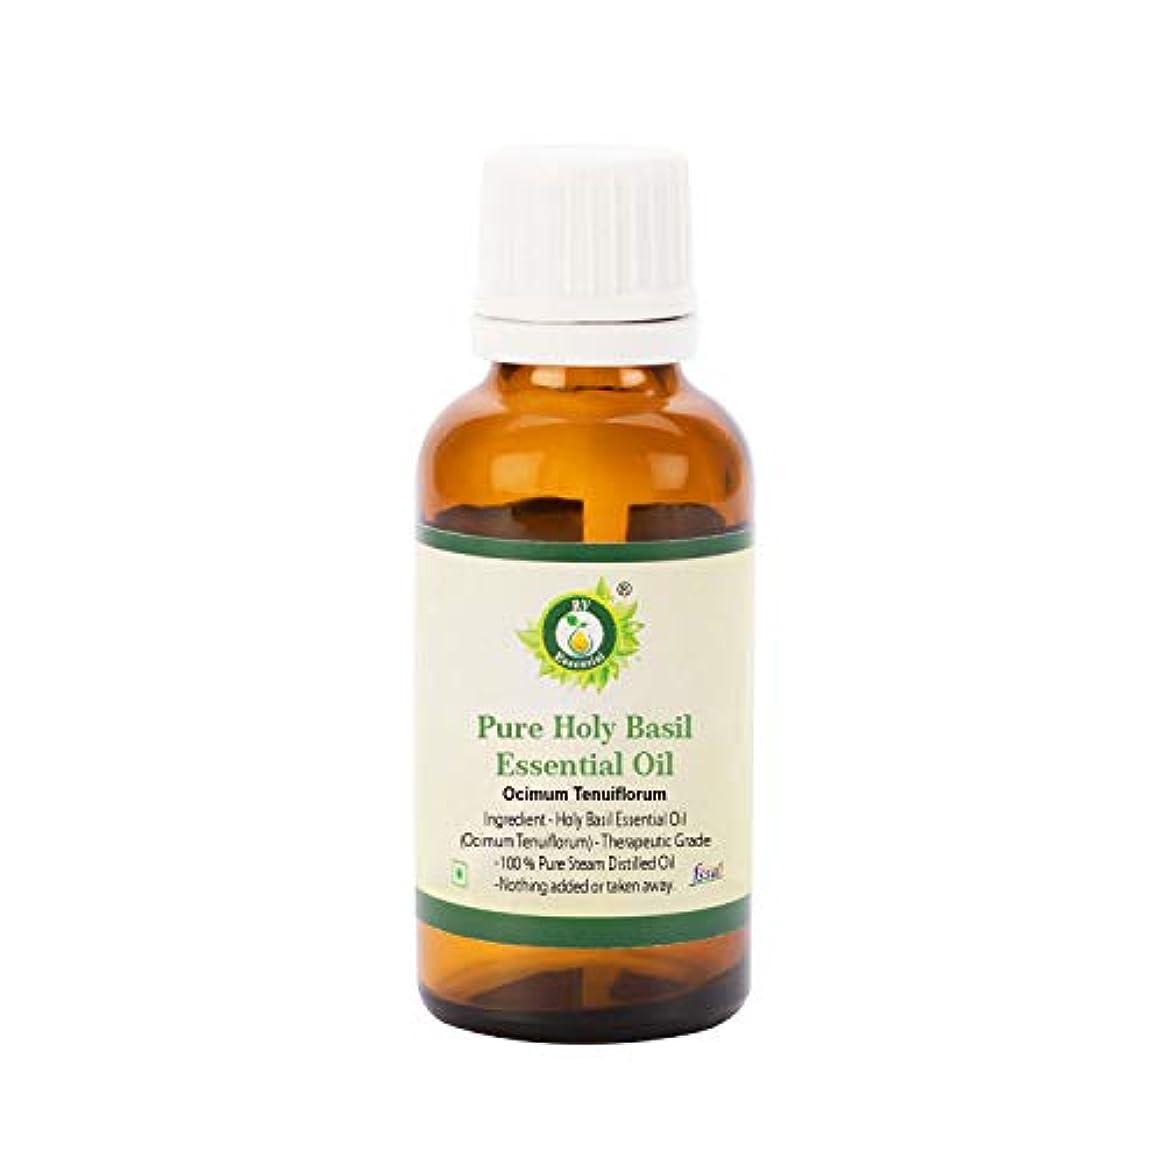 リラックスした噴出するペットR V Essential ピュアホーリーバジルエッセンシャルオイル15ml (0.507oz)- Ocimum Tenuiflorum (100%純粋&天然スチームDistilled) Pure Holy Basil Essential Oil